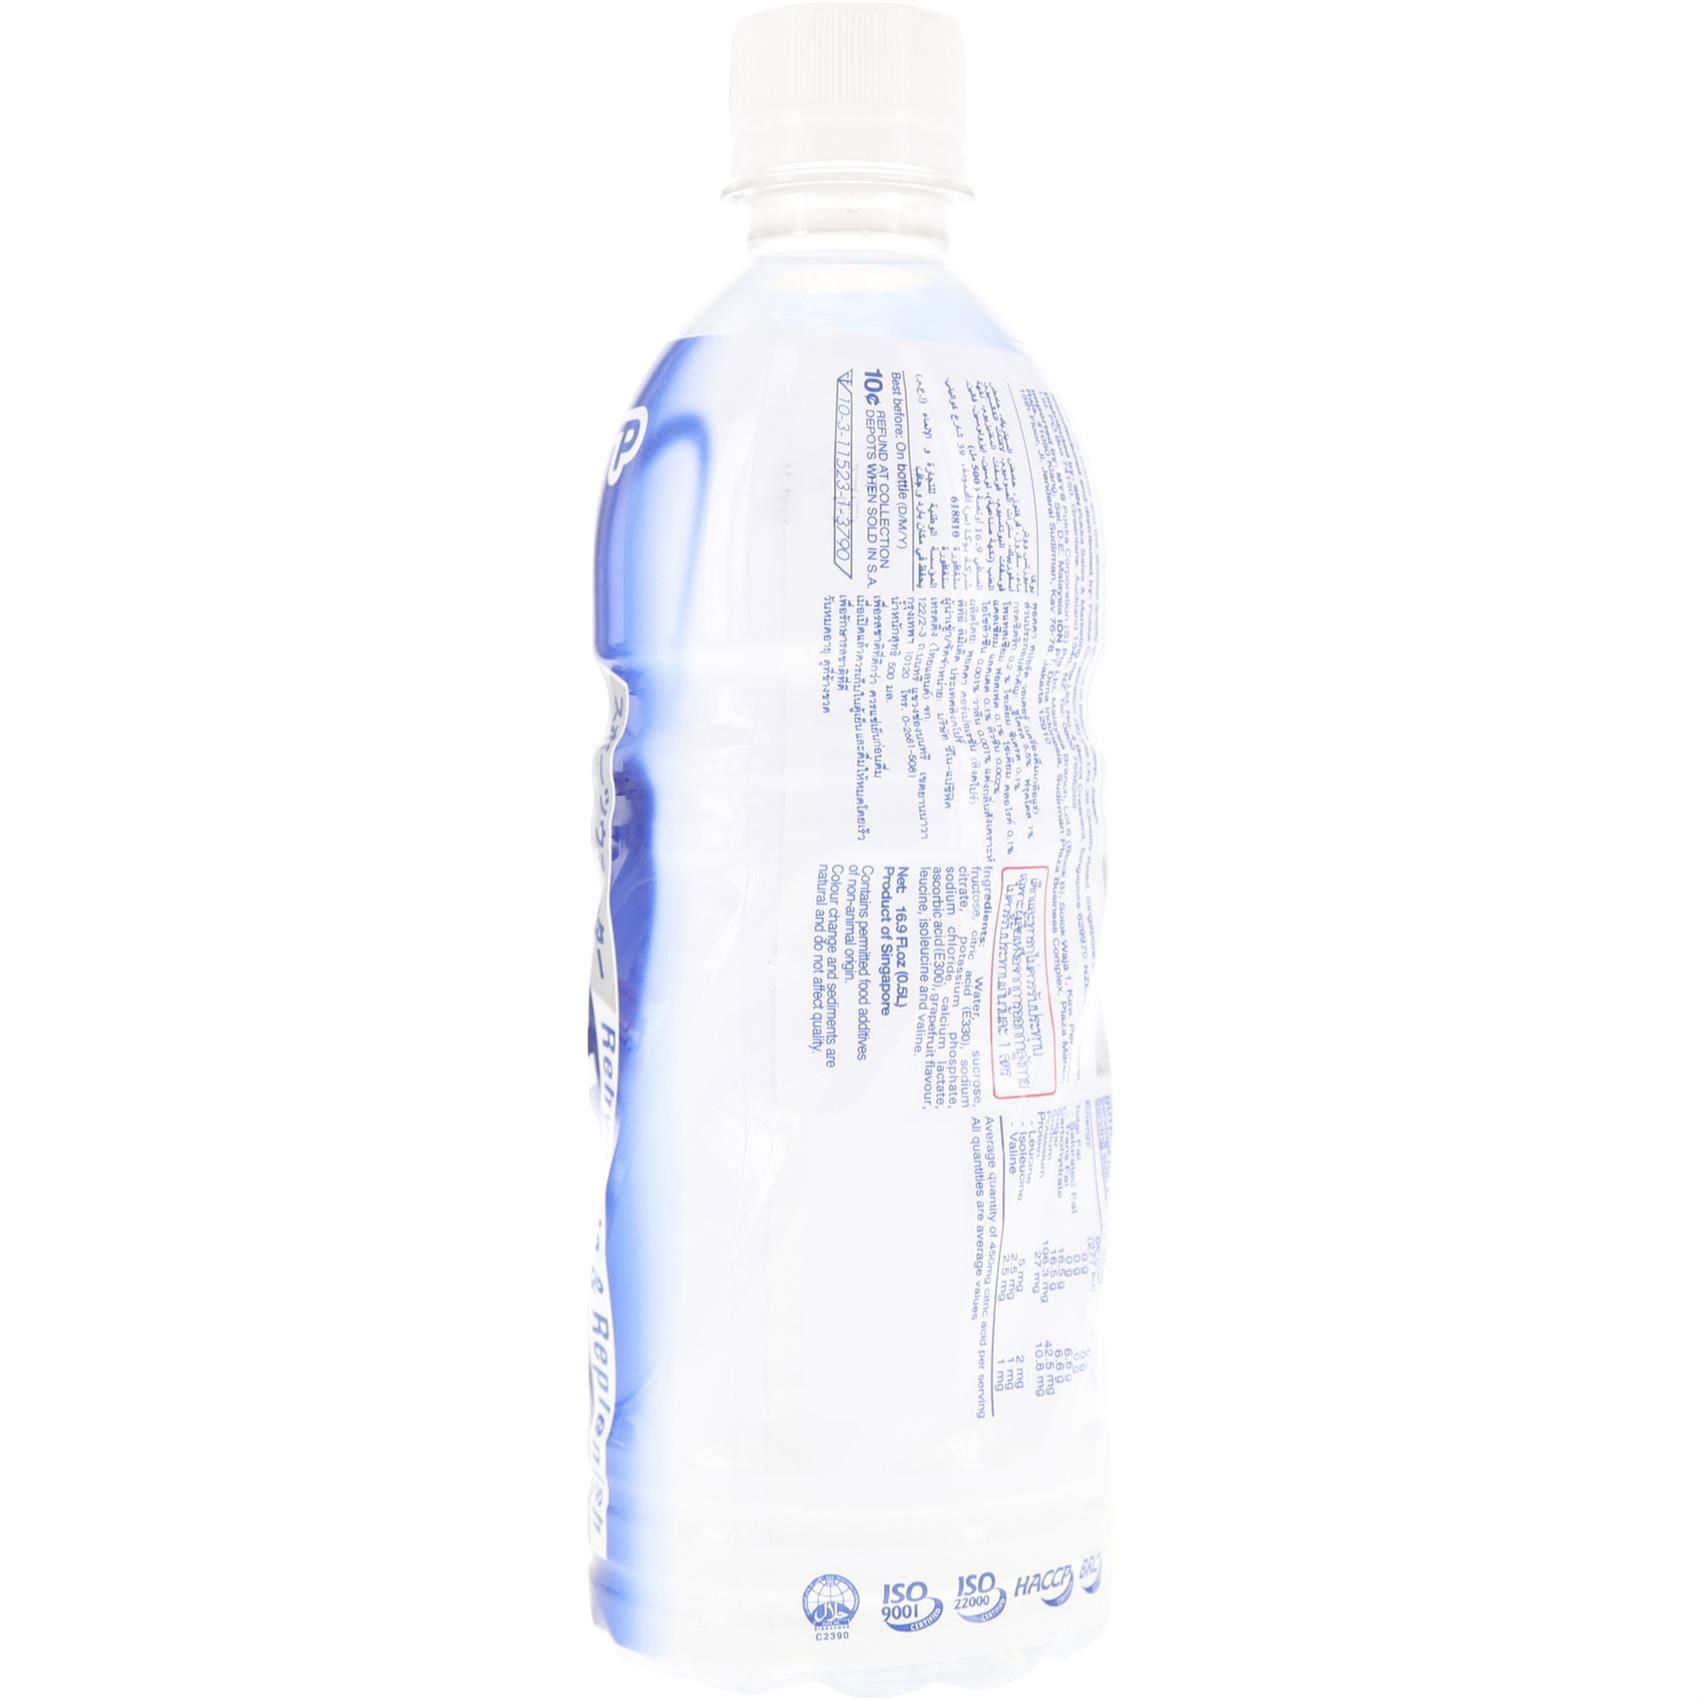 POKKA SPORT WATER PET 500ML